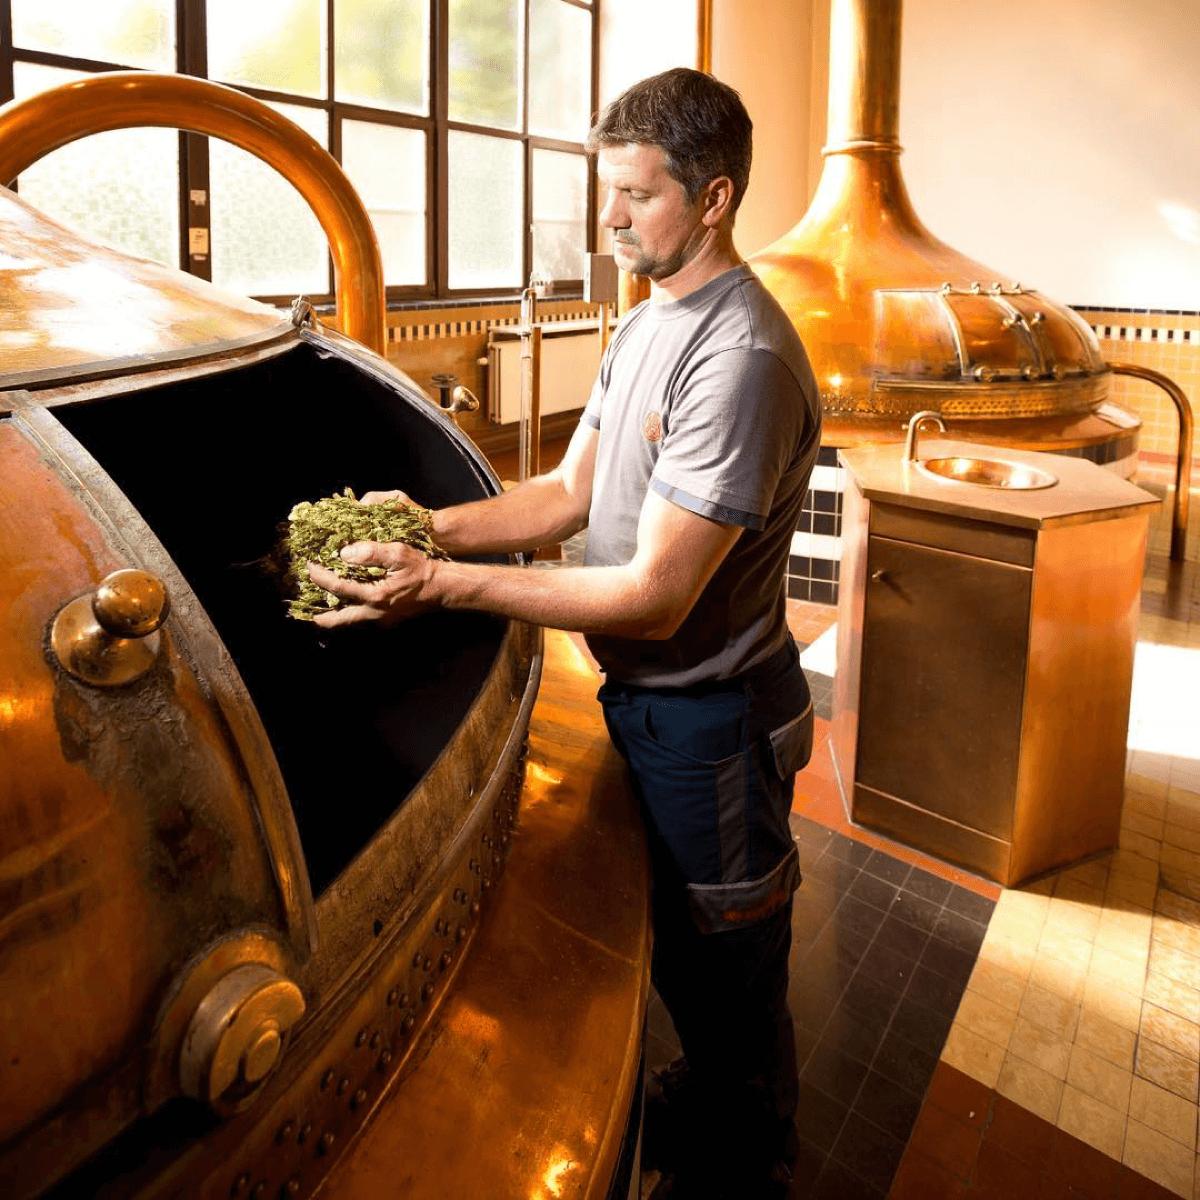 La brasserie de Westmalle emploie des laïcs depuis 1950 pour stimuler l'emploi local